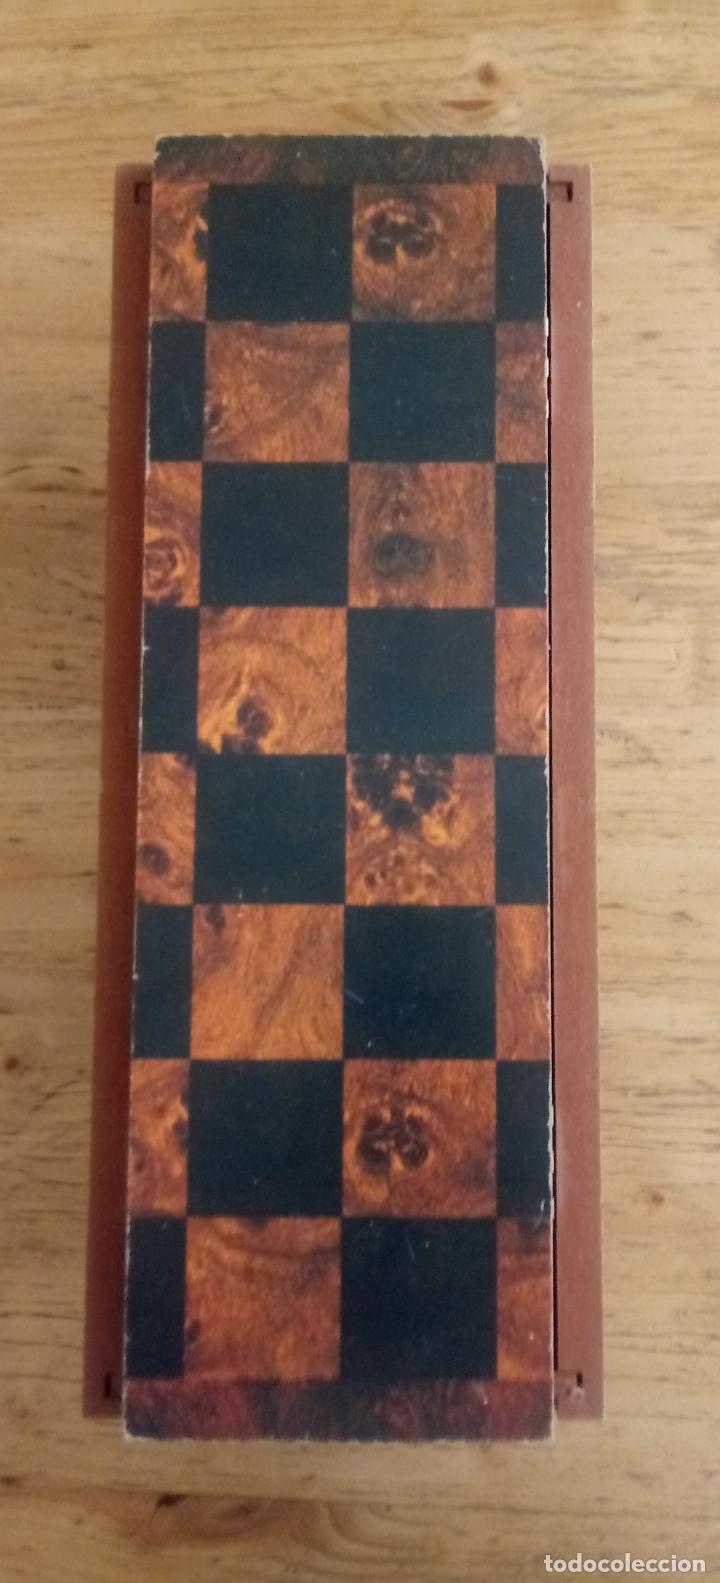 Juegos de mesa: CAJA RESERVA 15 AÑOS J&B - BACKGAMMON - SIN BOTELLA - 29 x 11 CMS - Foto 5 - 195385190